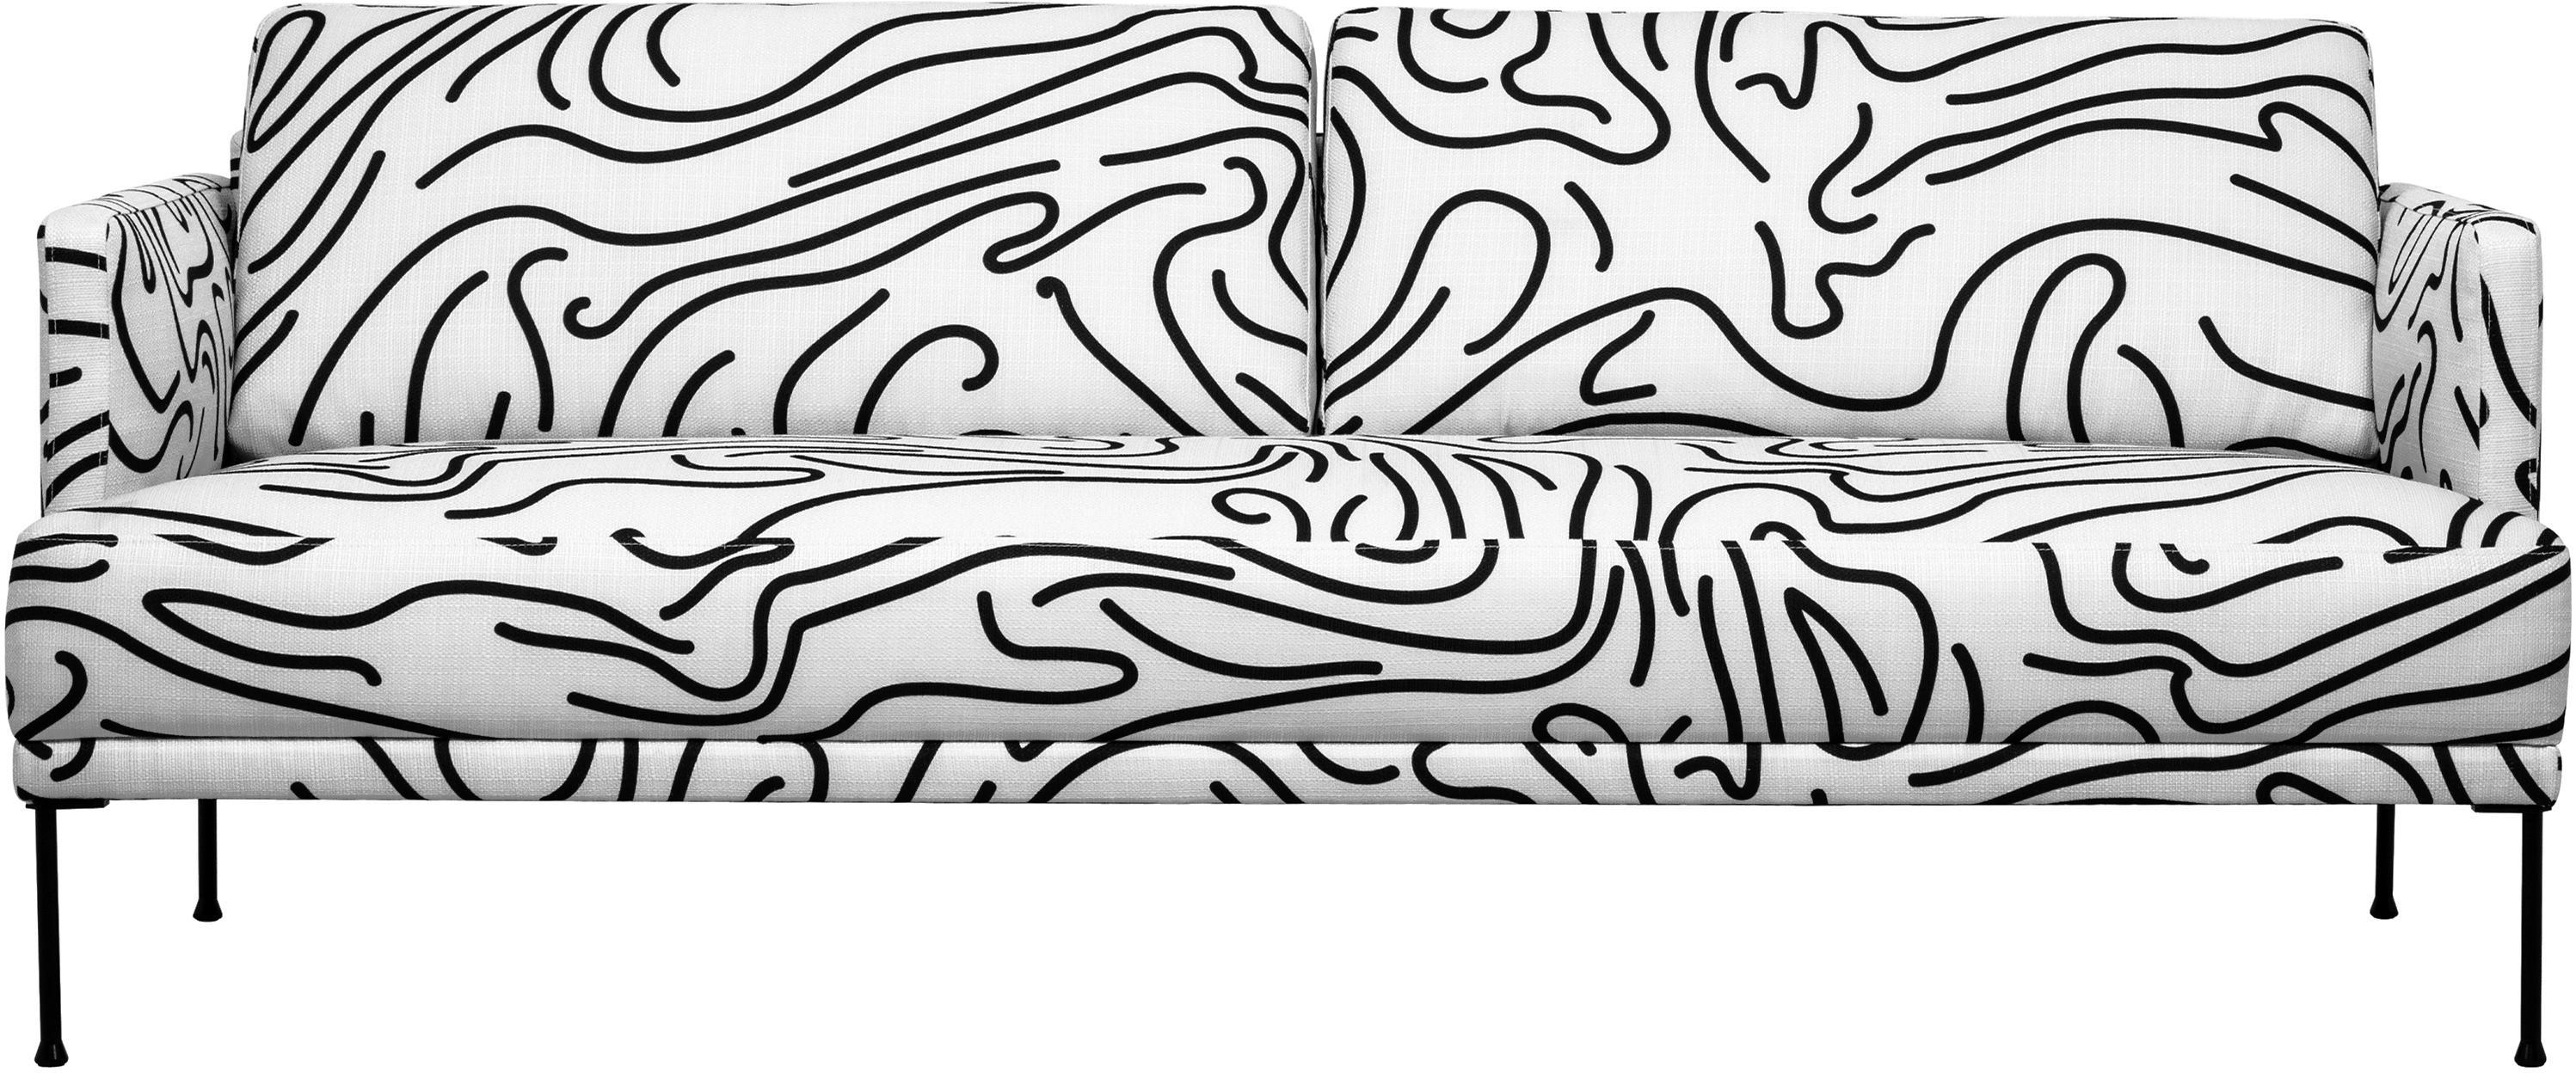 Sofa Fluente (3-osobowa), Tapicerka: 100% poliester 40000 cyk, Stelaż: lite drewno sosnowe, Nogi: metal malowany proszkowo, Biały, S 196 x G 85 cm